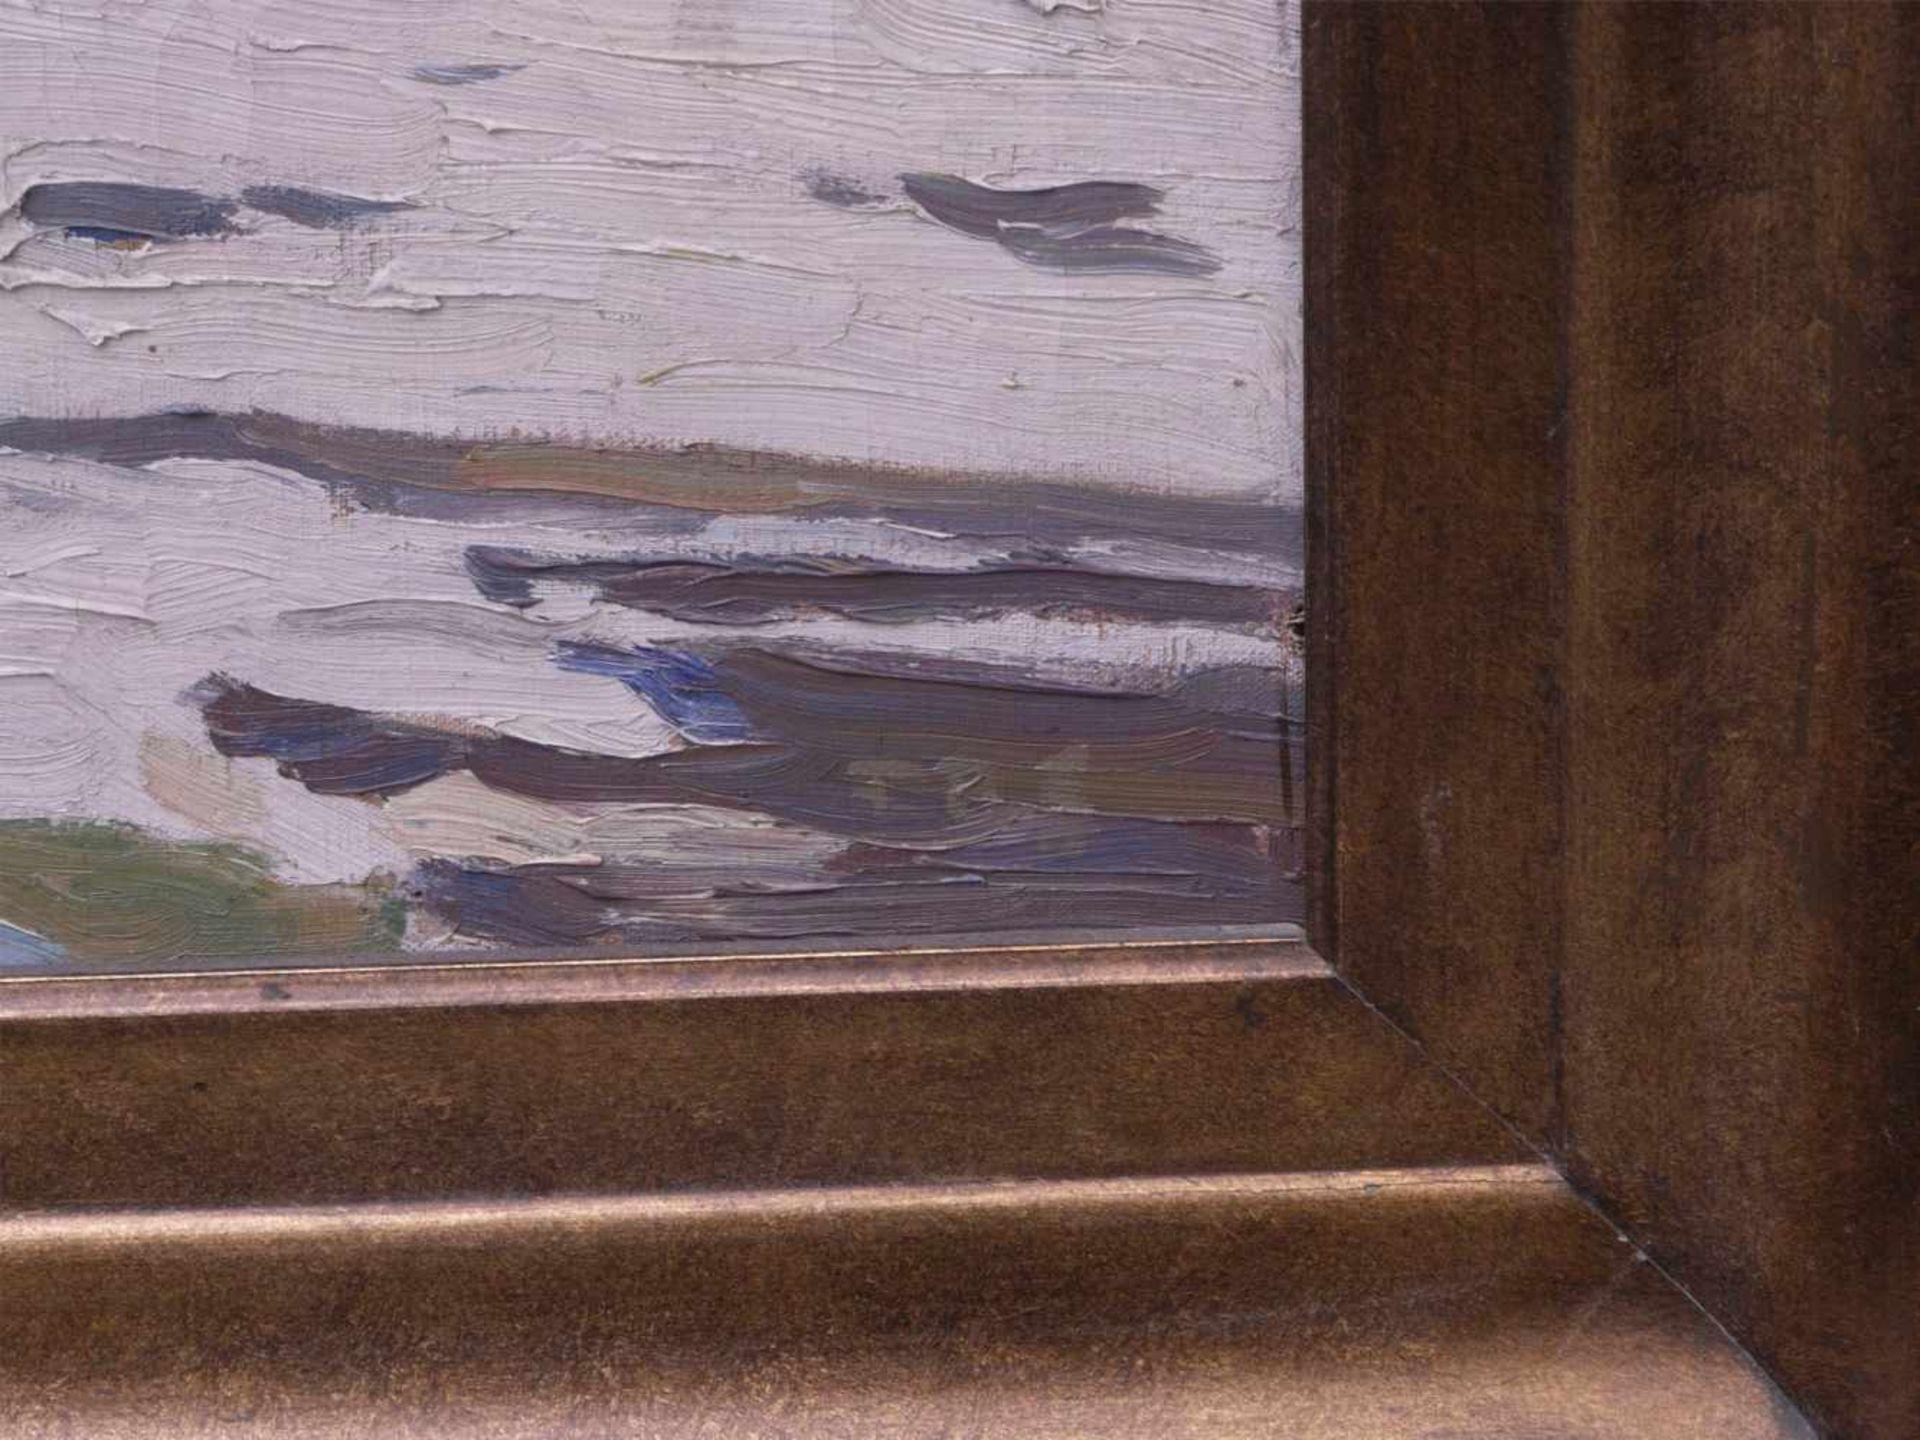 Schwemmer, Friedrich Rudolf (vor 1900 nach 1940) - Winterlandschaft um 1915Expressionistische - Bild 3 aus 5